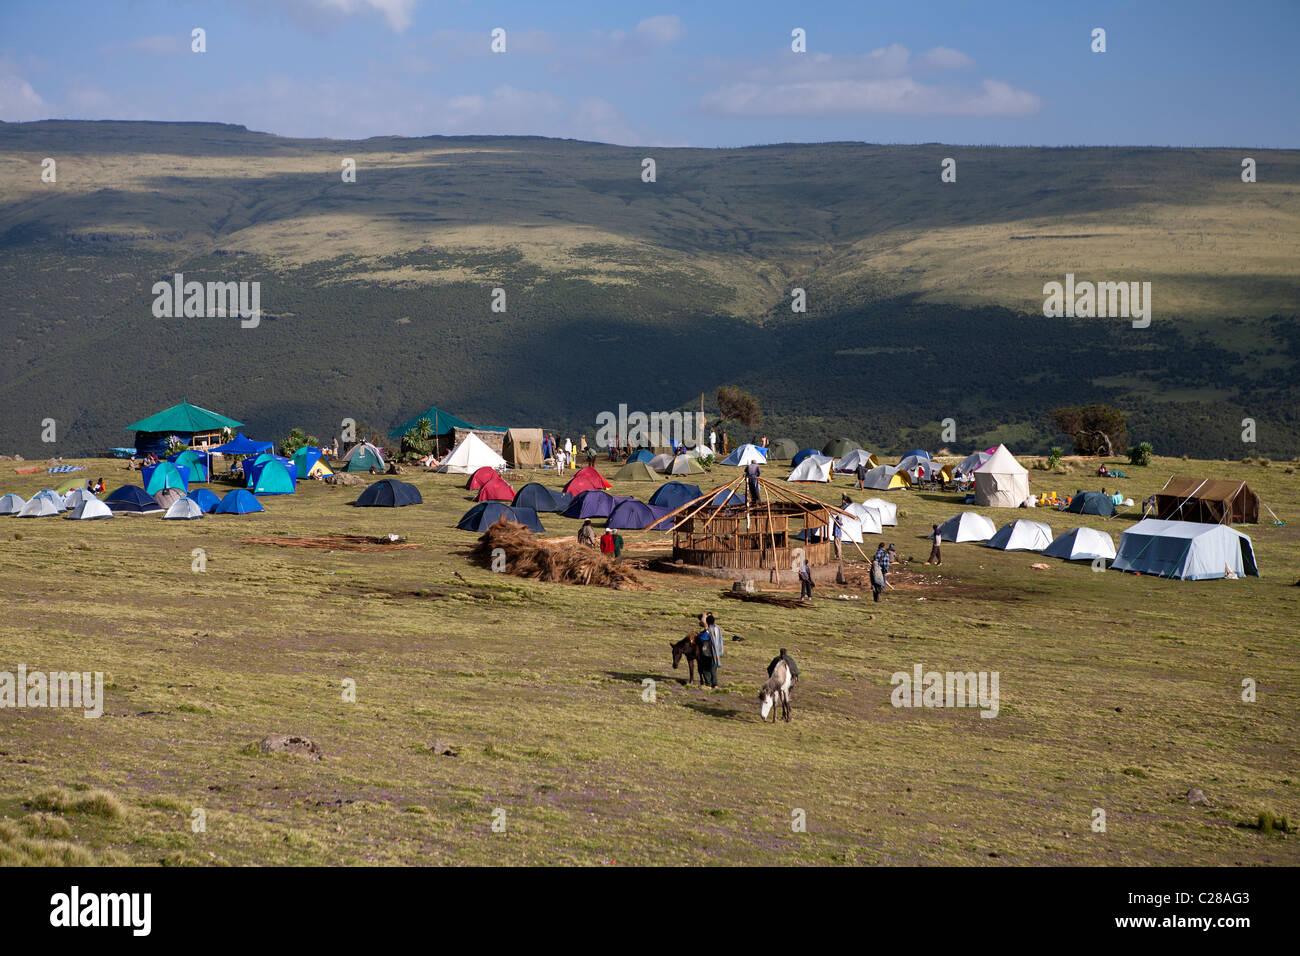 Geech Camp Simien Mountains Stock Photos & Geech Camp Simien